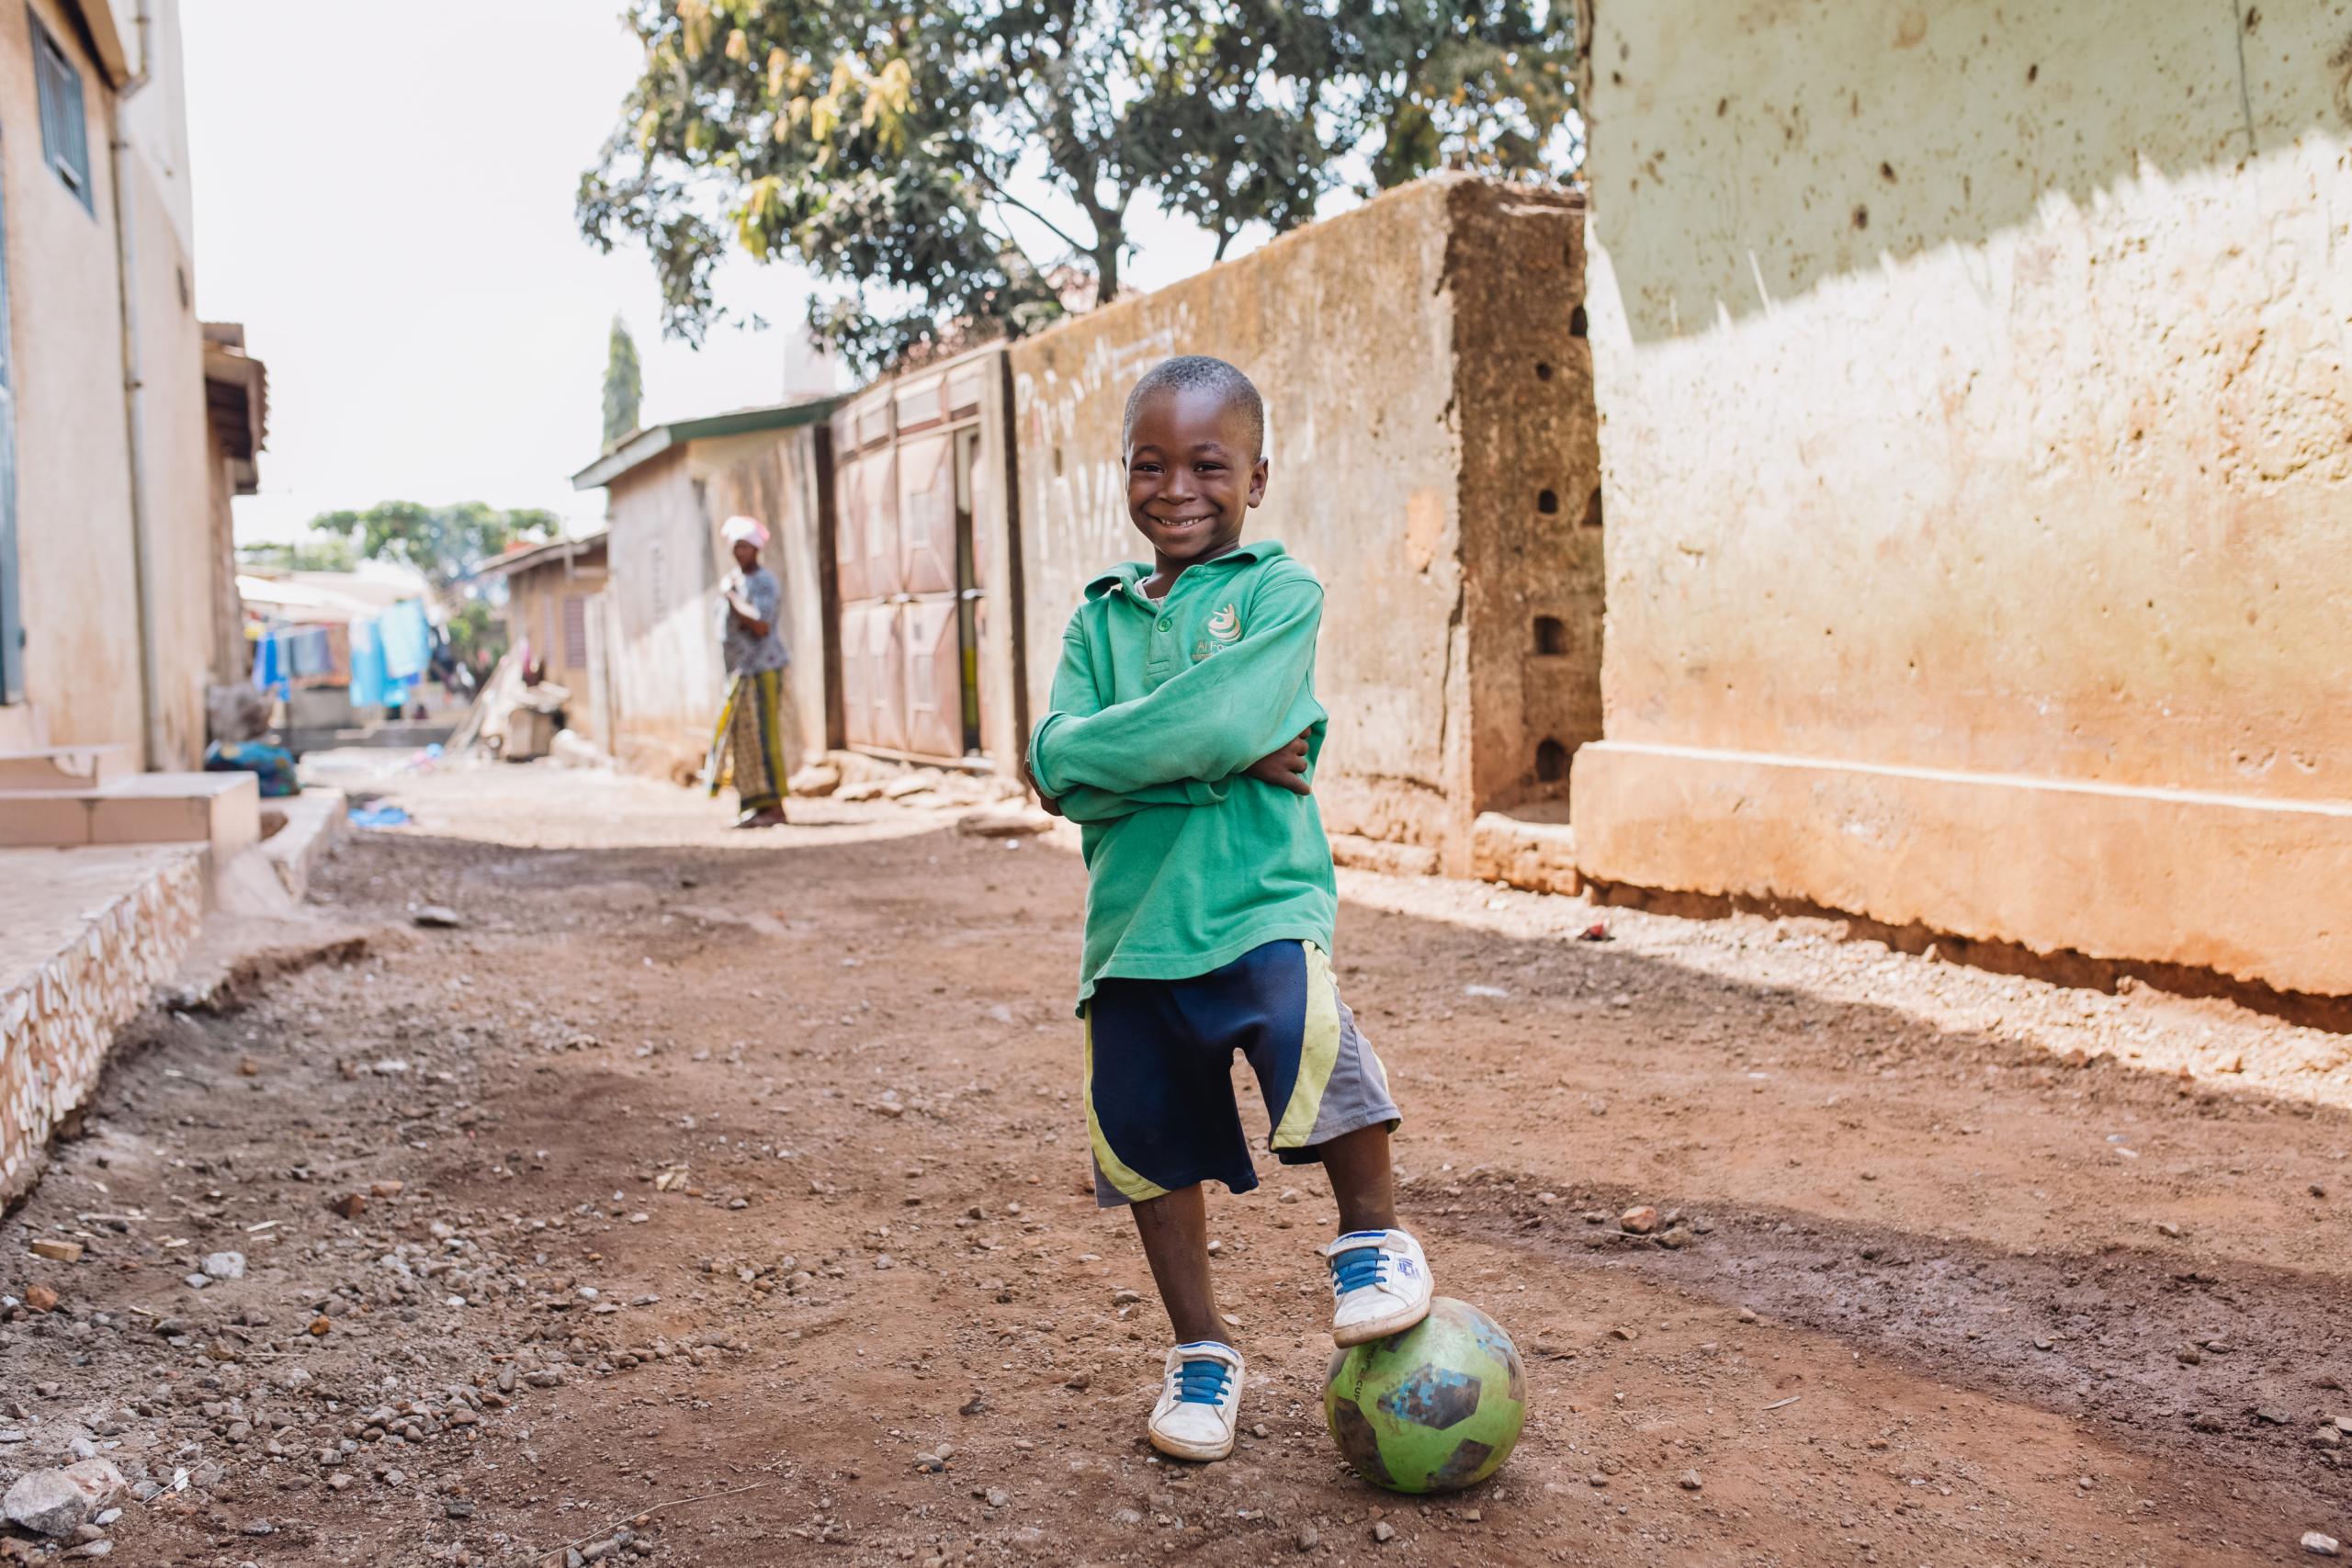 Mohamed voetbalt weer